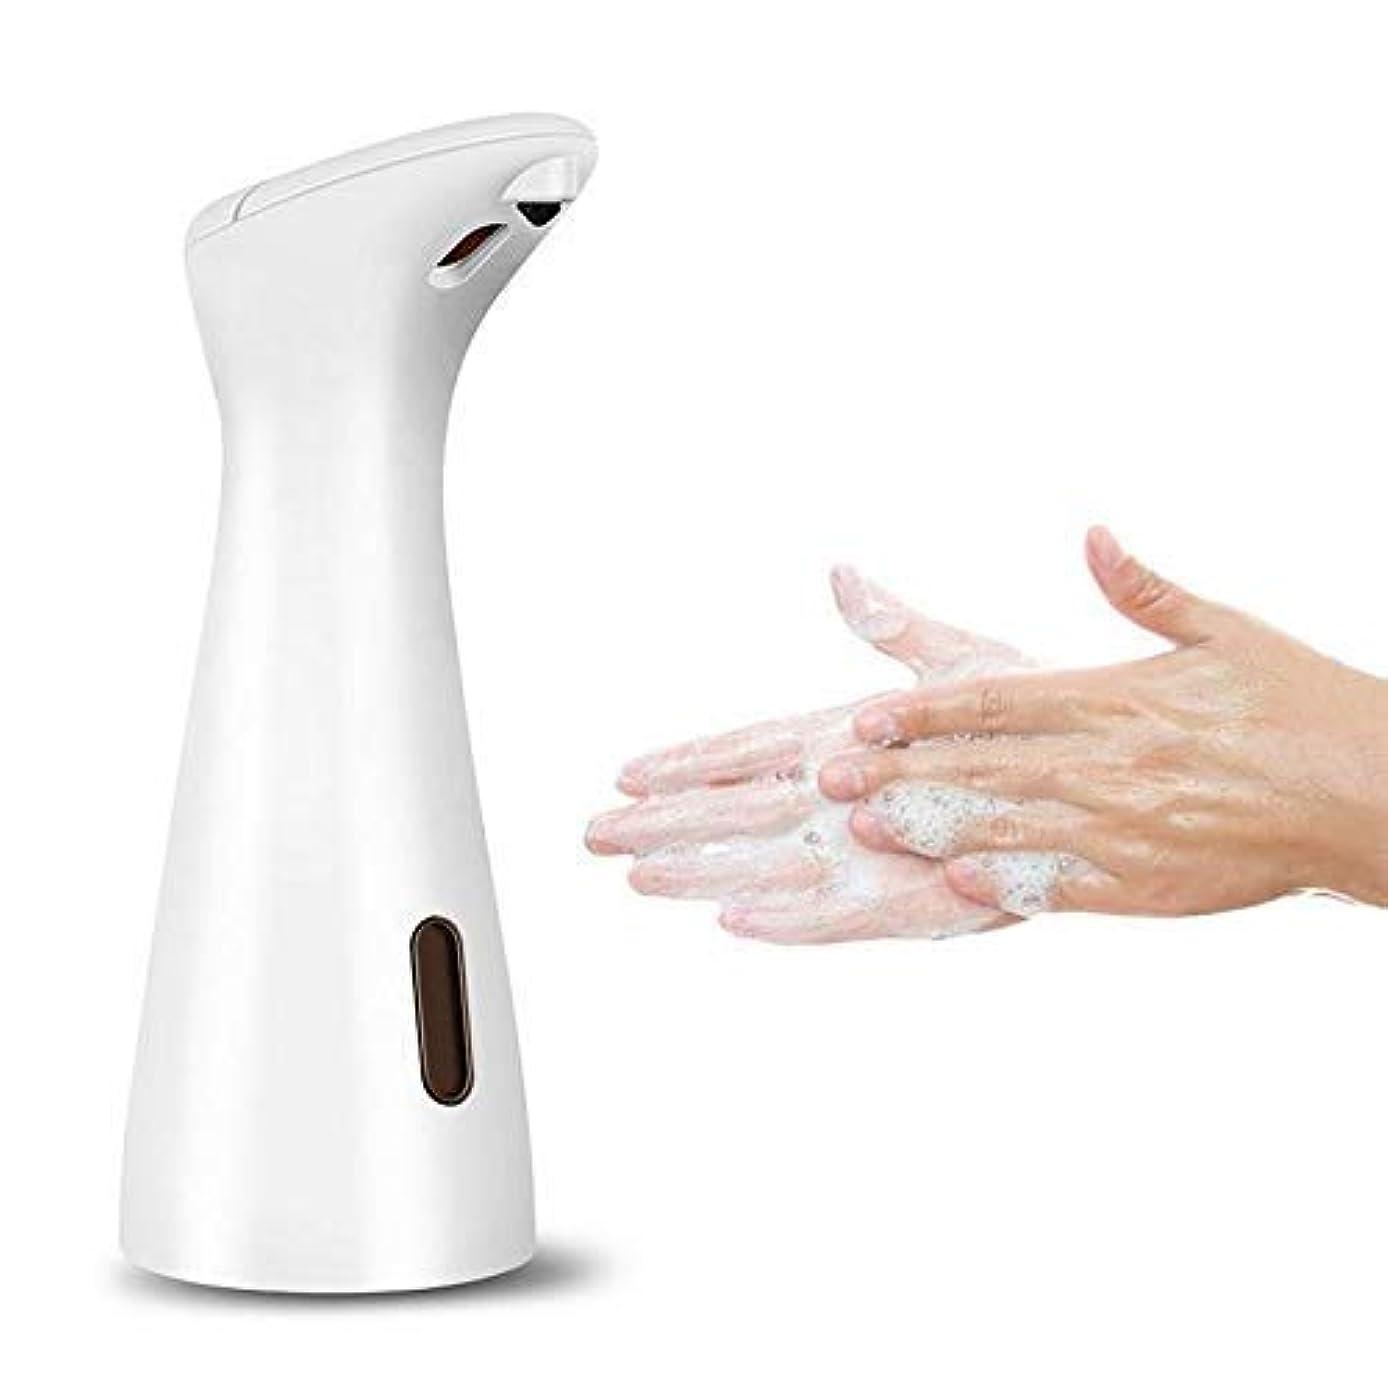 問題些細シミュレートする200ミリリットルabs自動誘導石鹸ディスペンサー赤外線ハンズフリーセパレーター付き浴室キッチン用